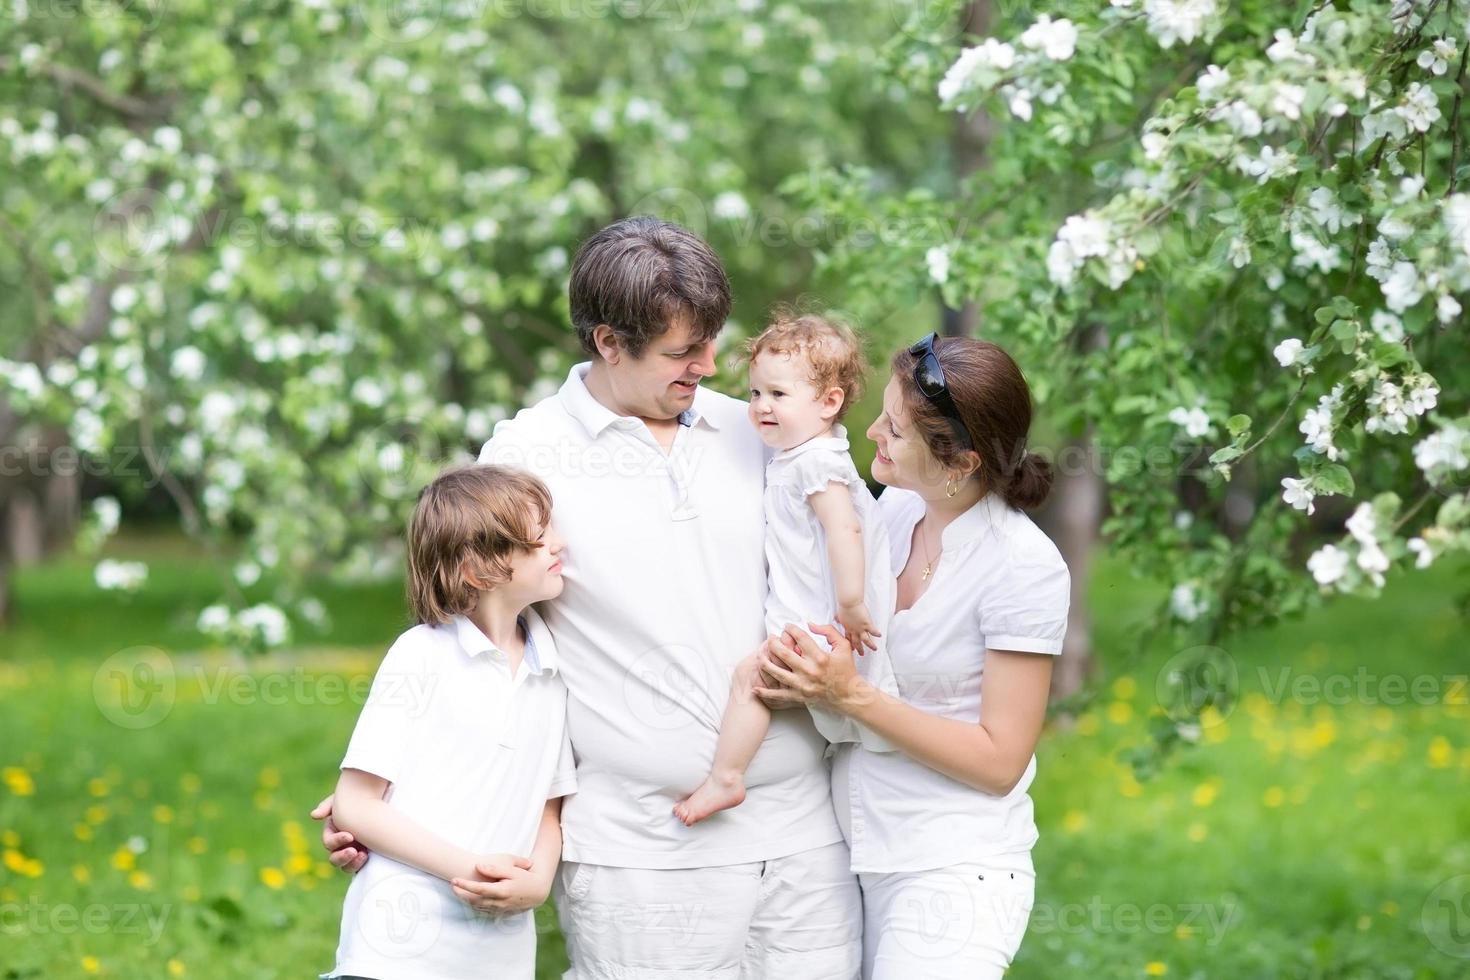 schöne junge Familie in einem blühenden Apfelbaumgarten foto